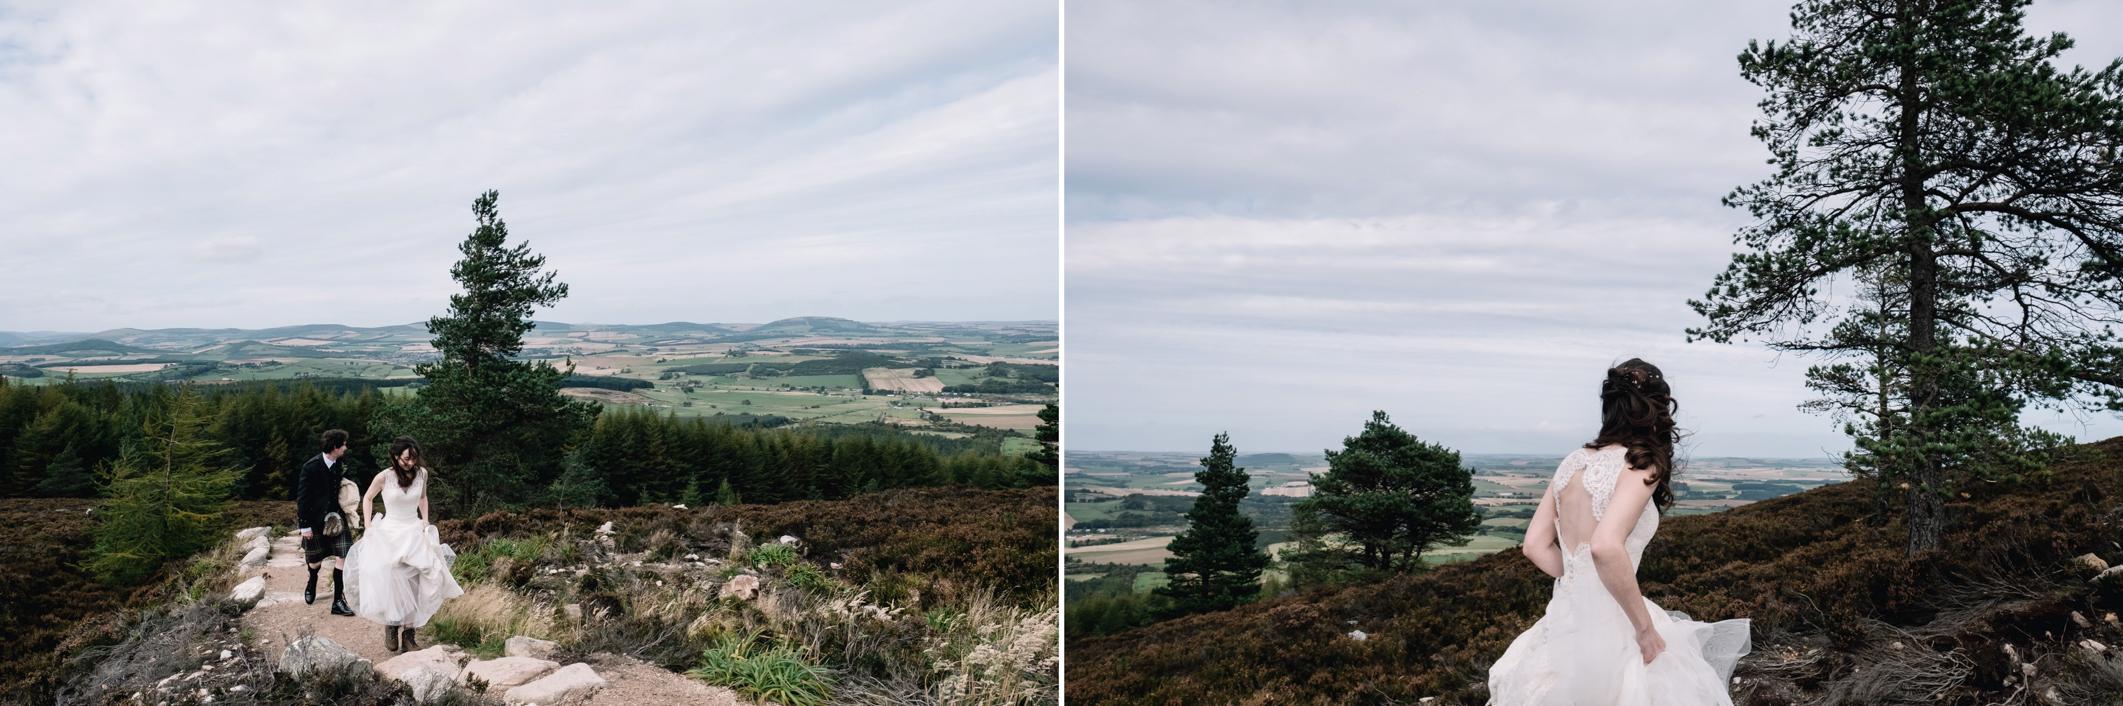 012-Scotland-elopement-photographer-Highlands.jpg